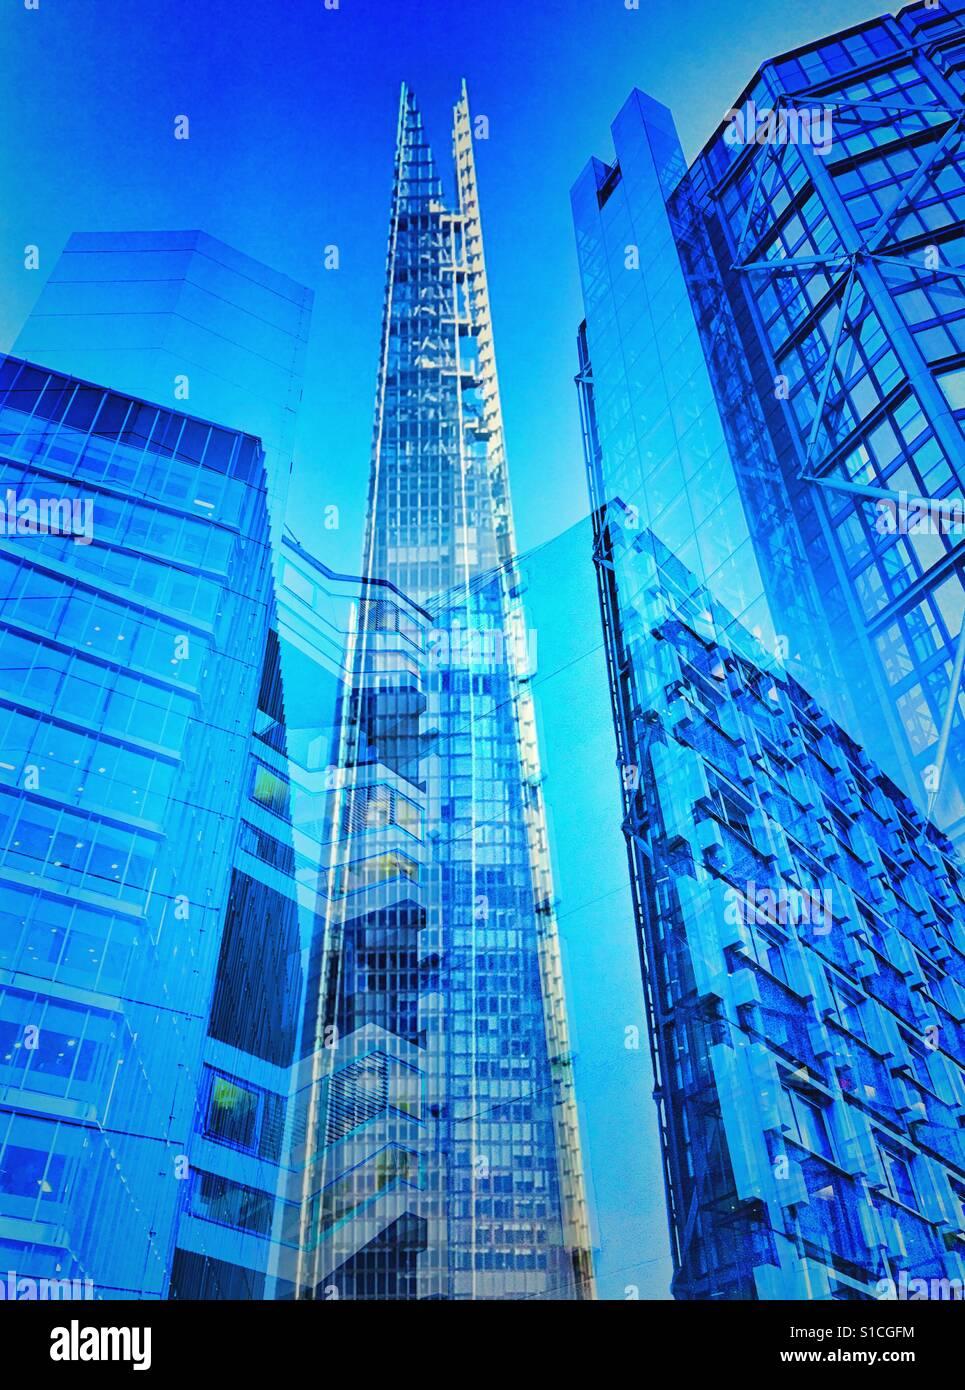 Die Scherbe und andere Gebäude in London als ein abstraktes Bild gezeigt Stockbild